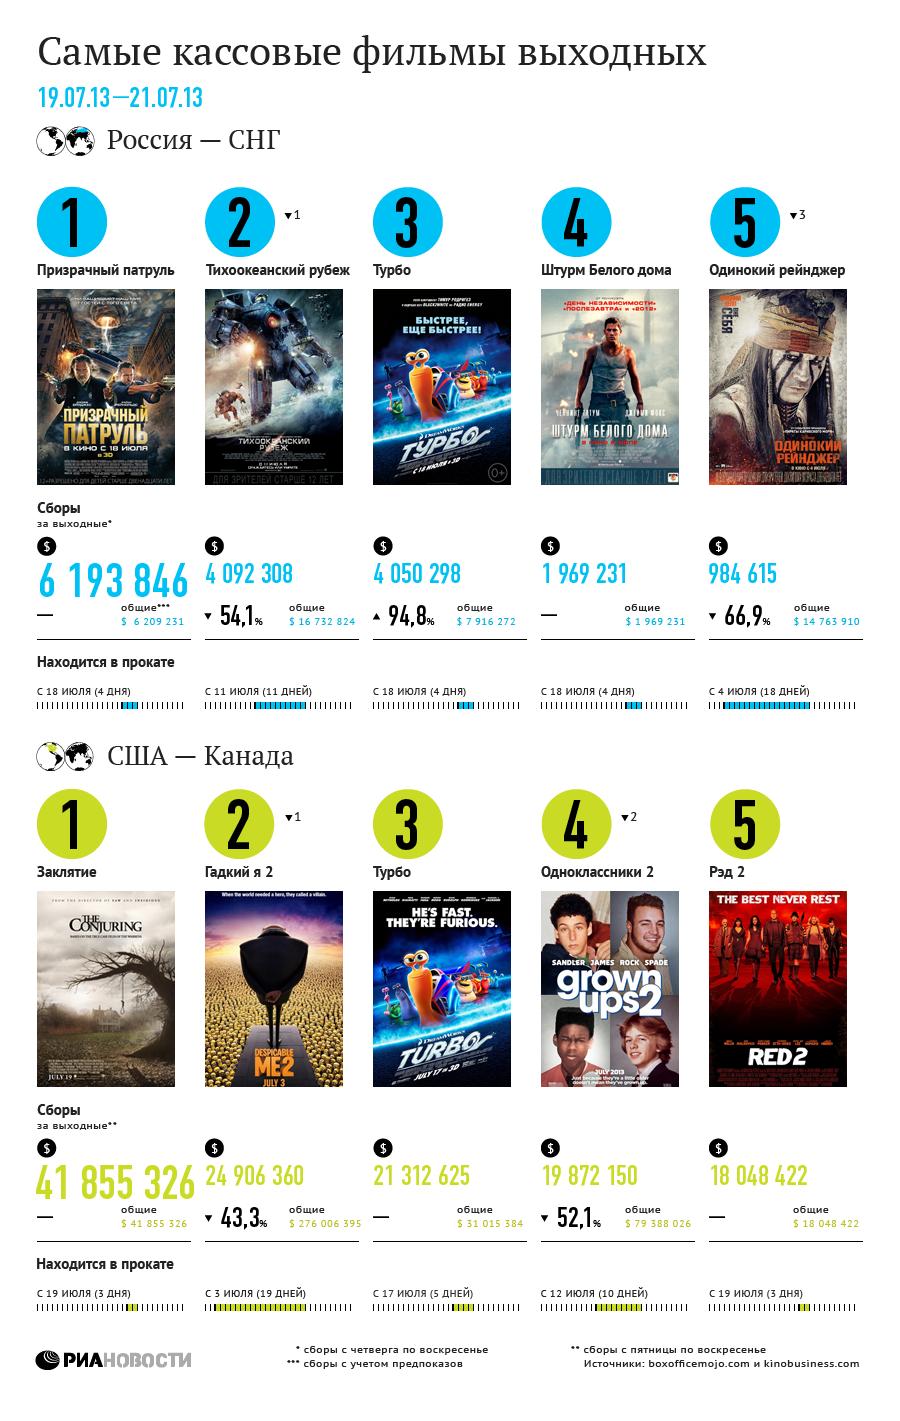 Самые кассовые фильмы выходных (19-21 июля)